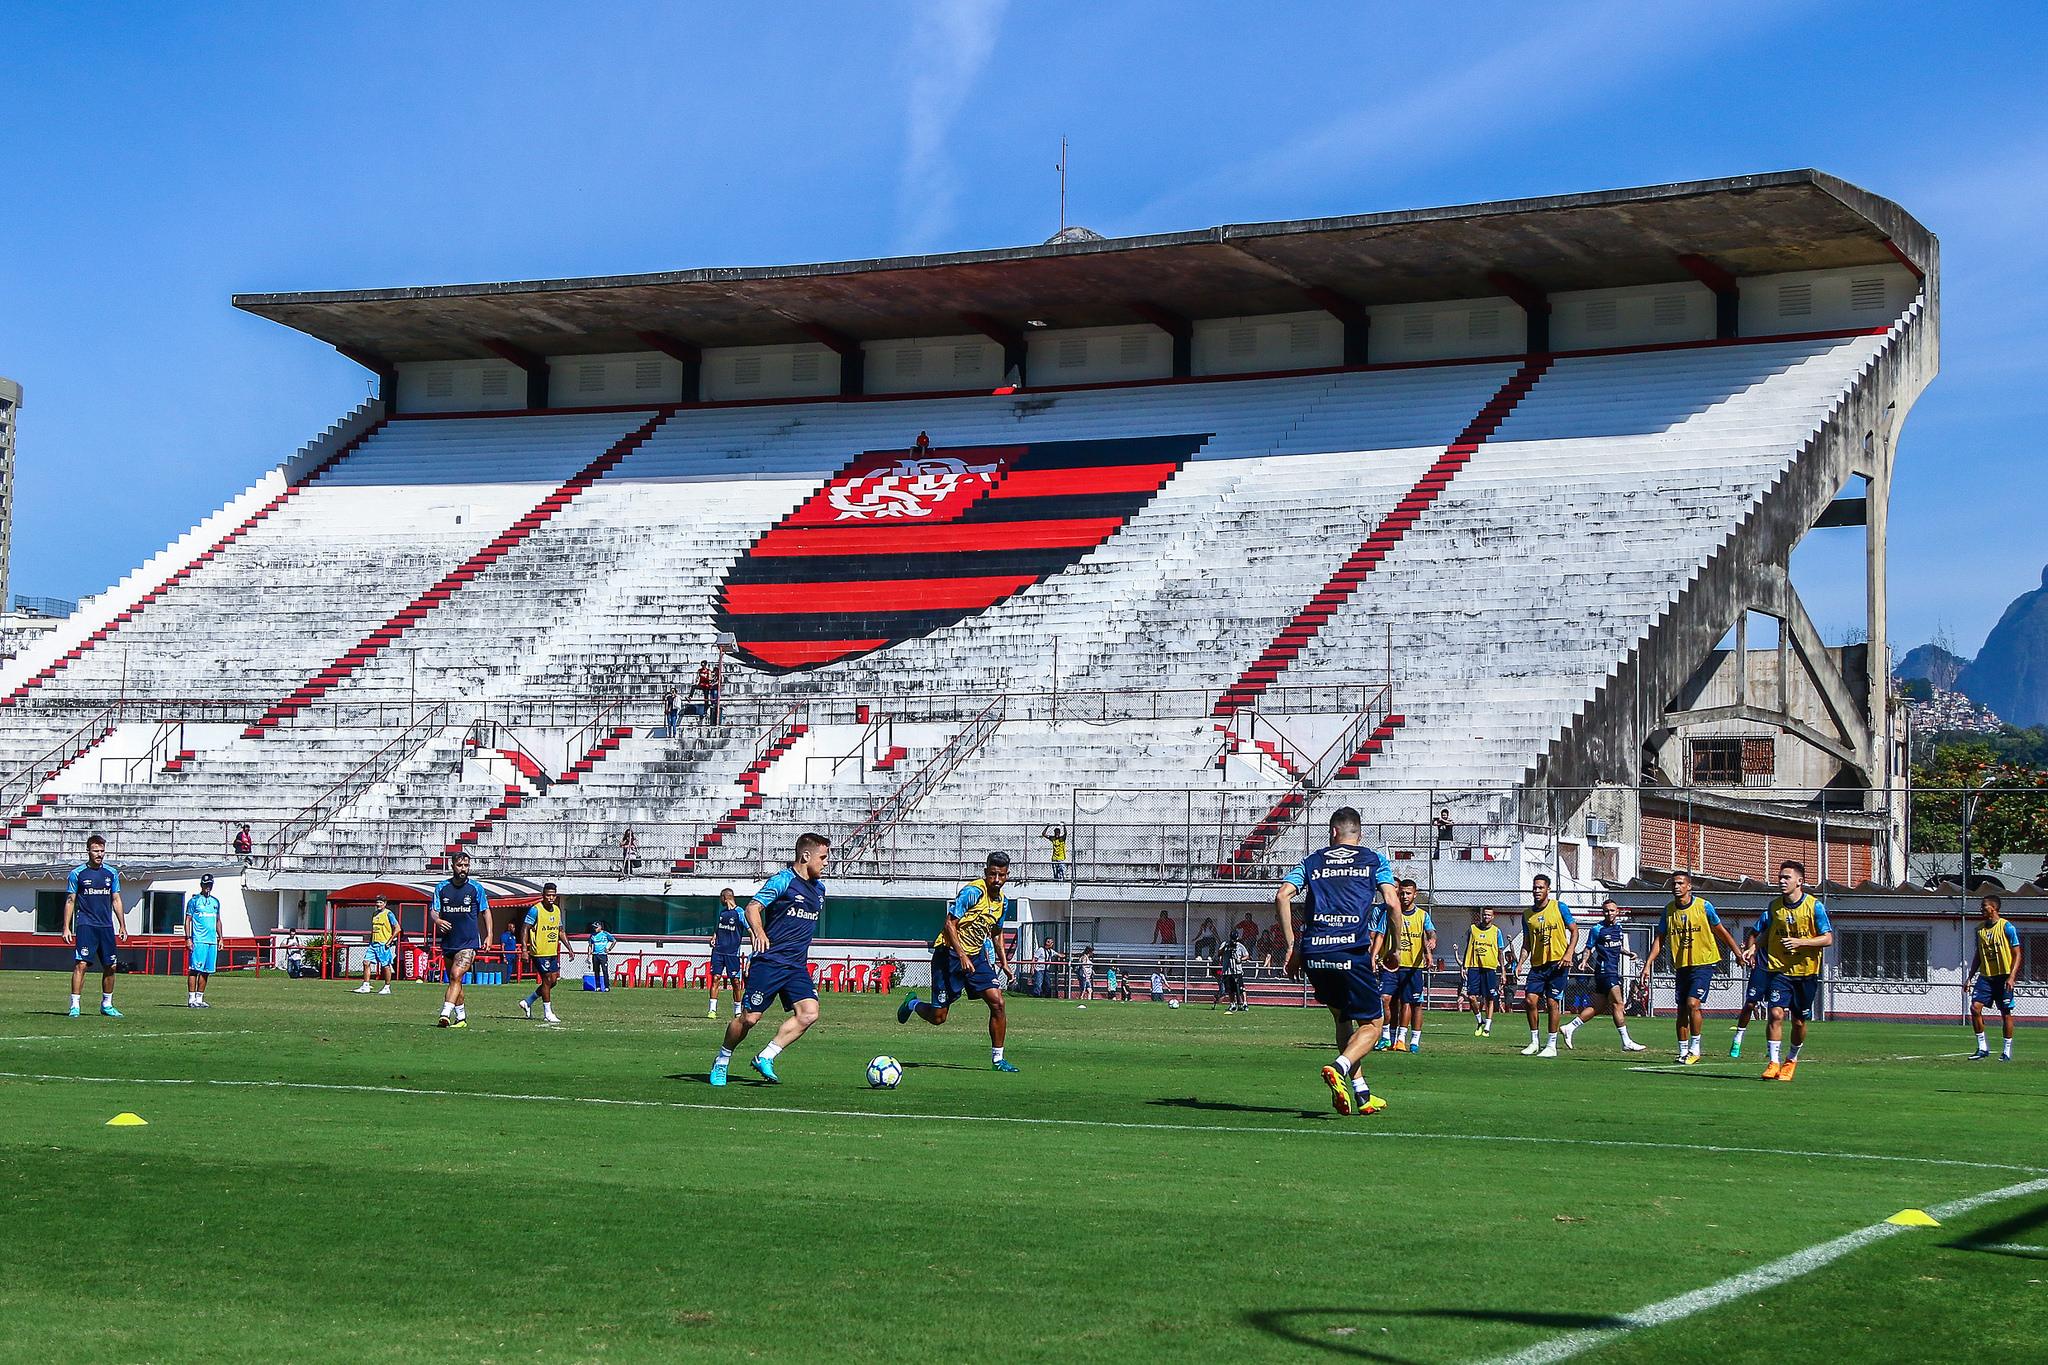 O Grêmio encerrou os preparativos para o duelo diante do Vasco da Gama  neste domingo 7e732c1a37d